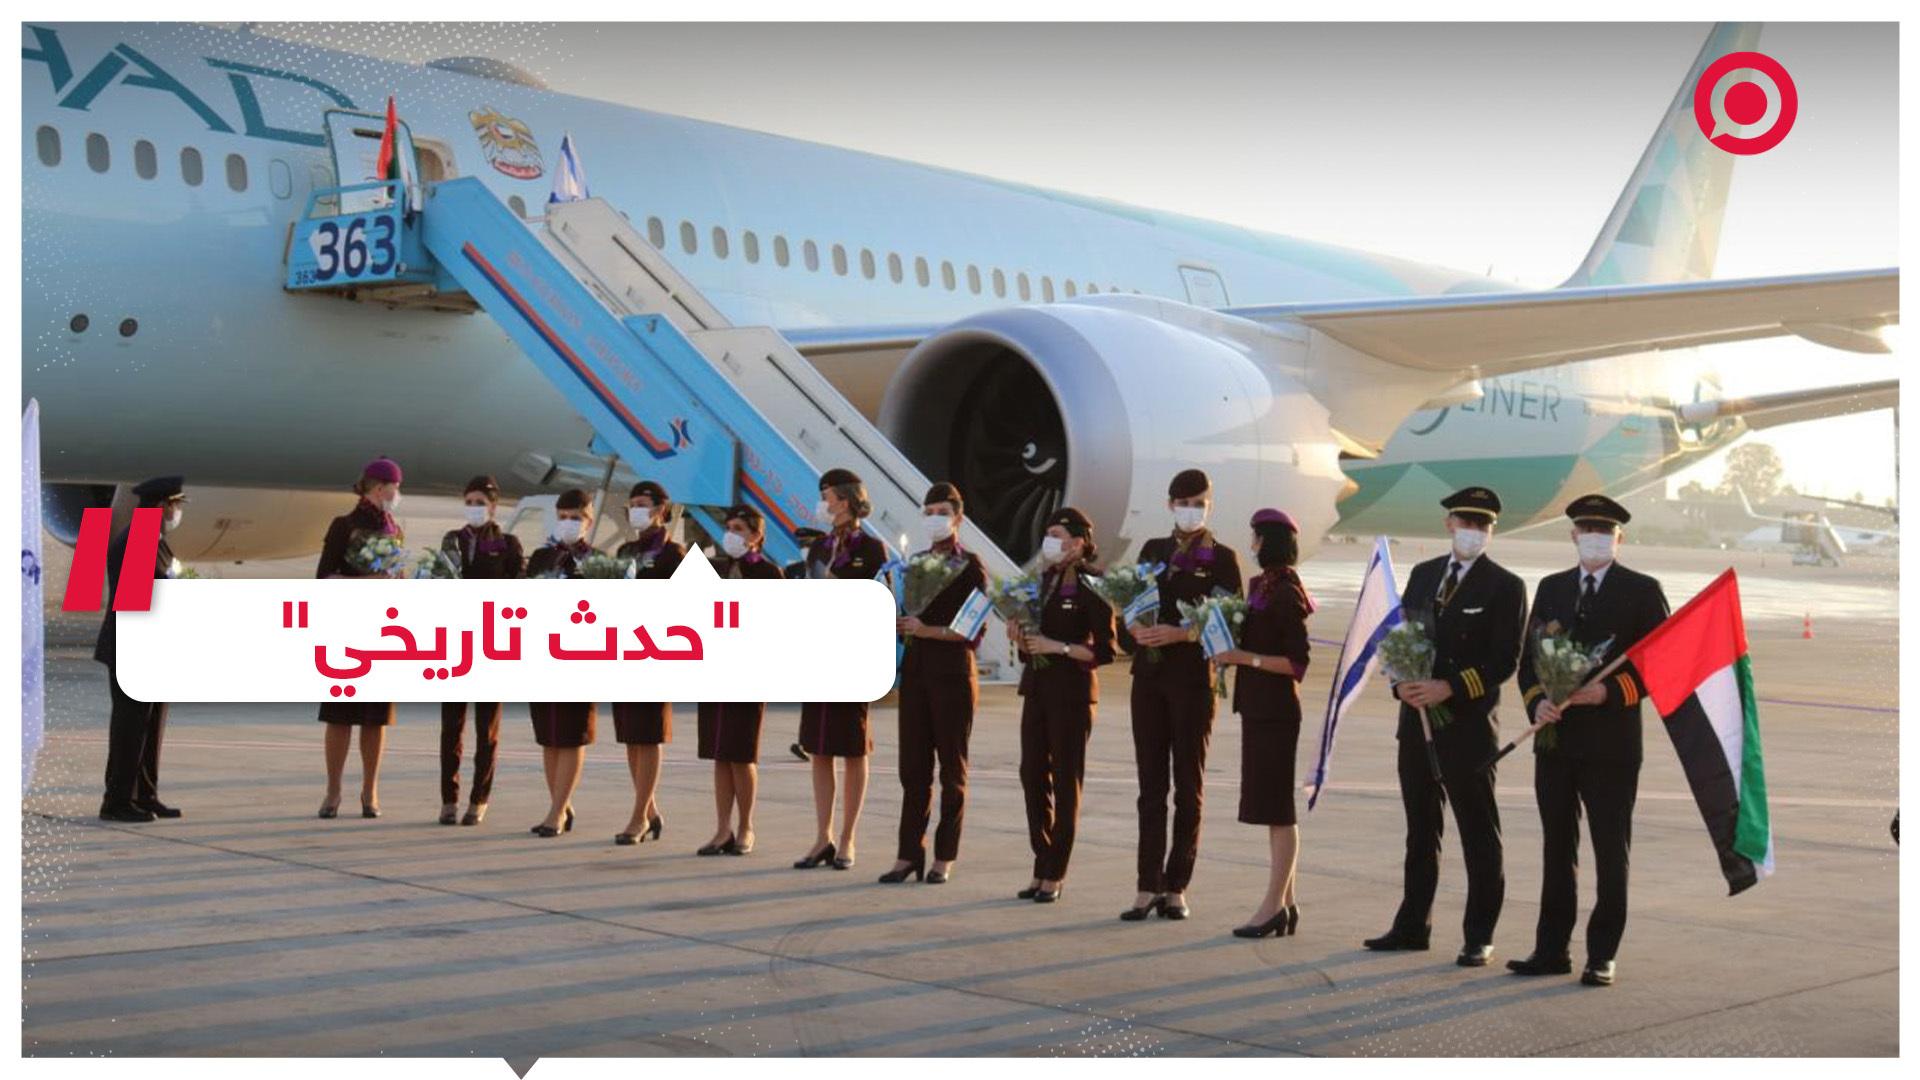 أول رحلة تجارية إماراتية تهبط في مطار بن غوريون الإسرائيلي